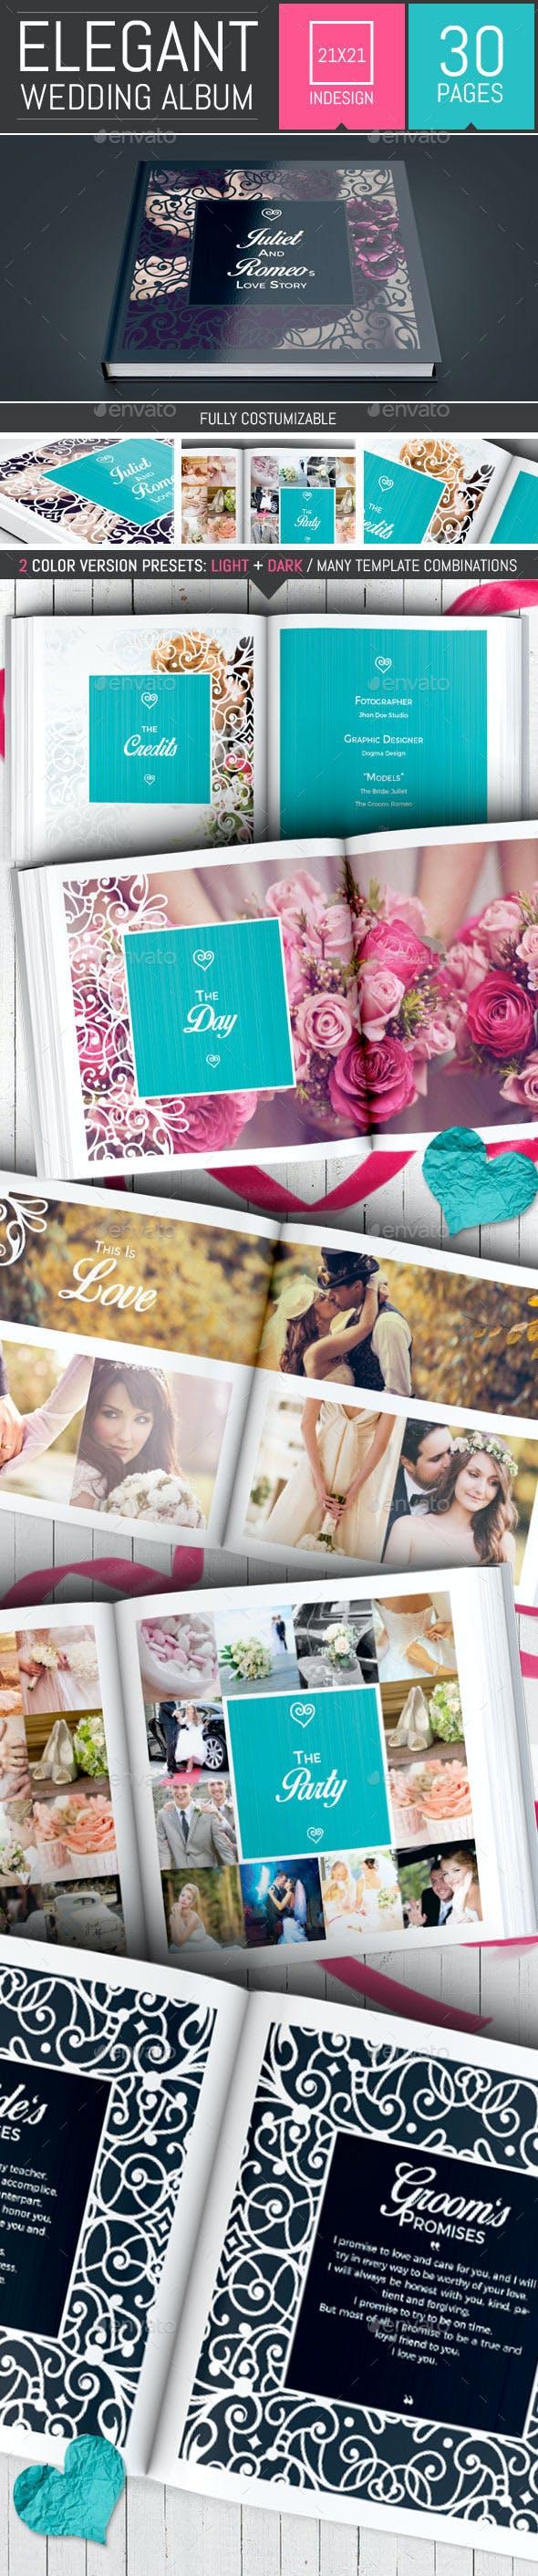 Romantic Wedding Square Photo Album Template